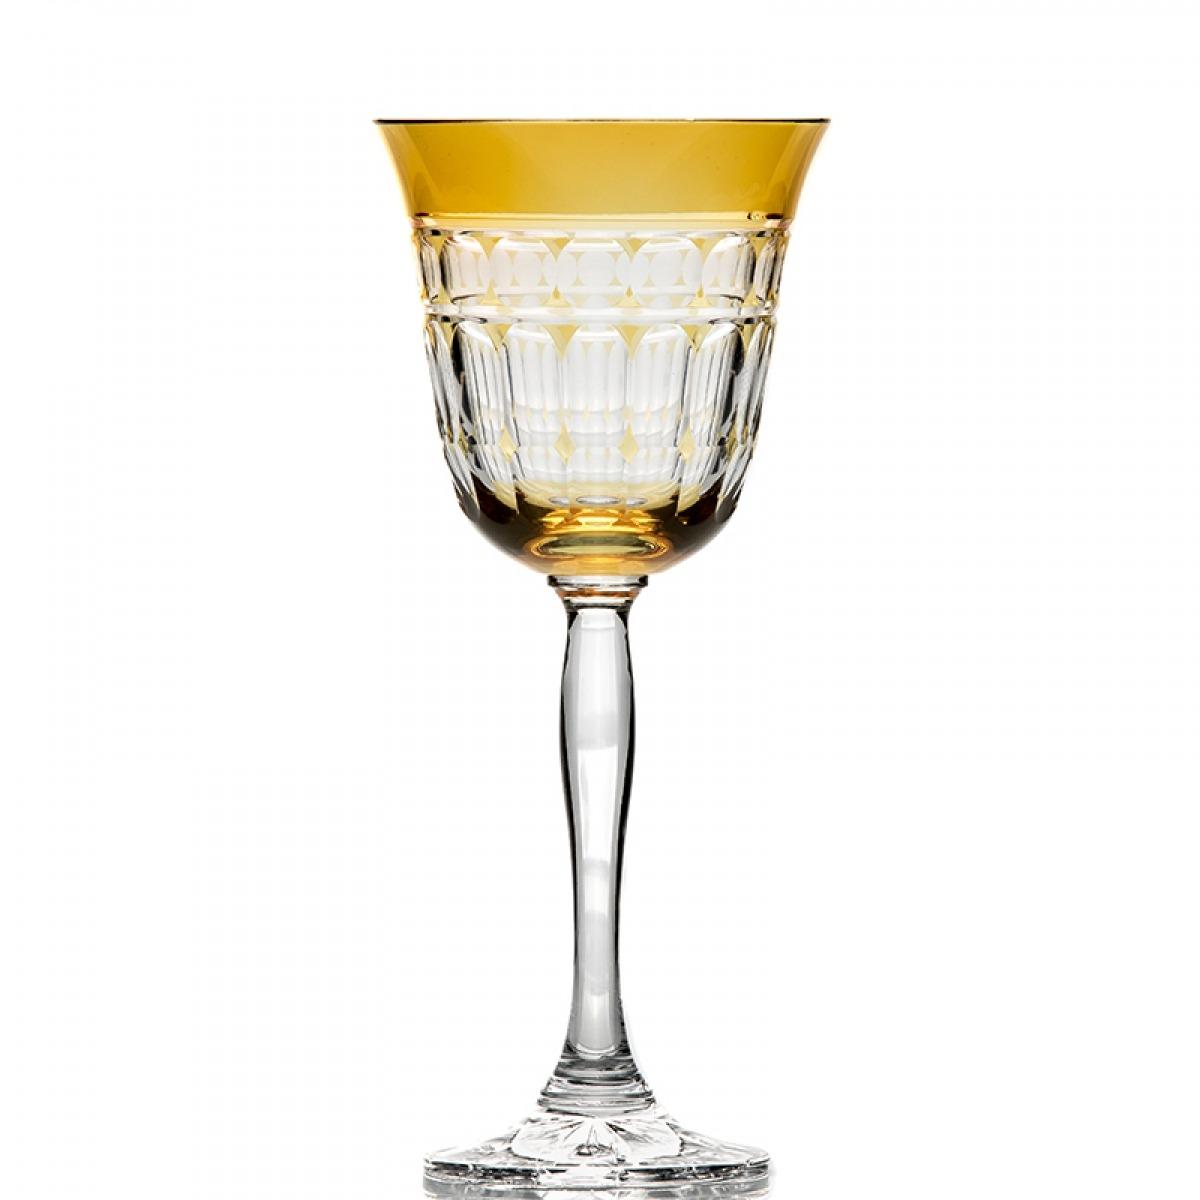 Taça Água Catarina Amarelo Gold Cristal